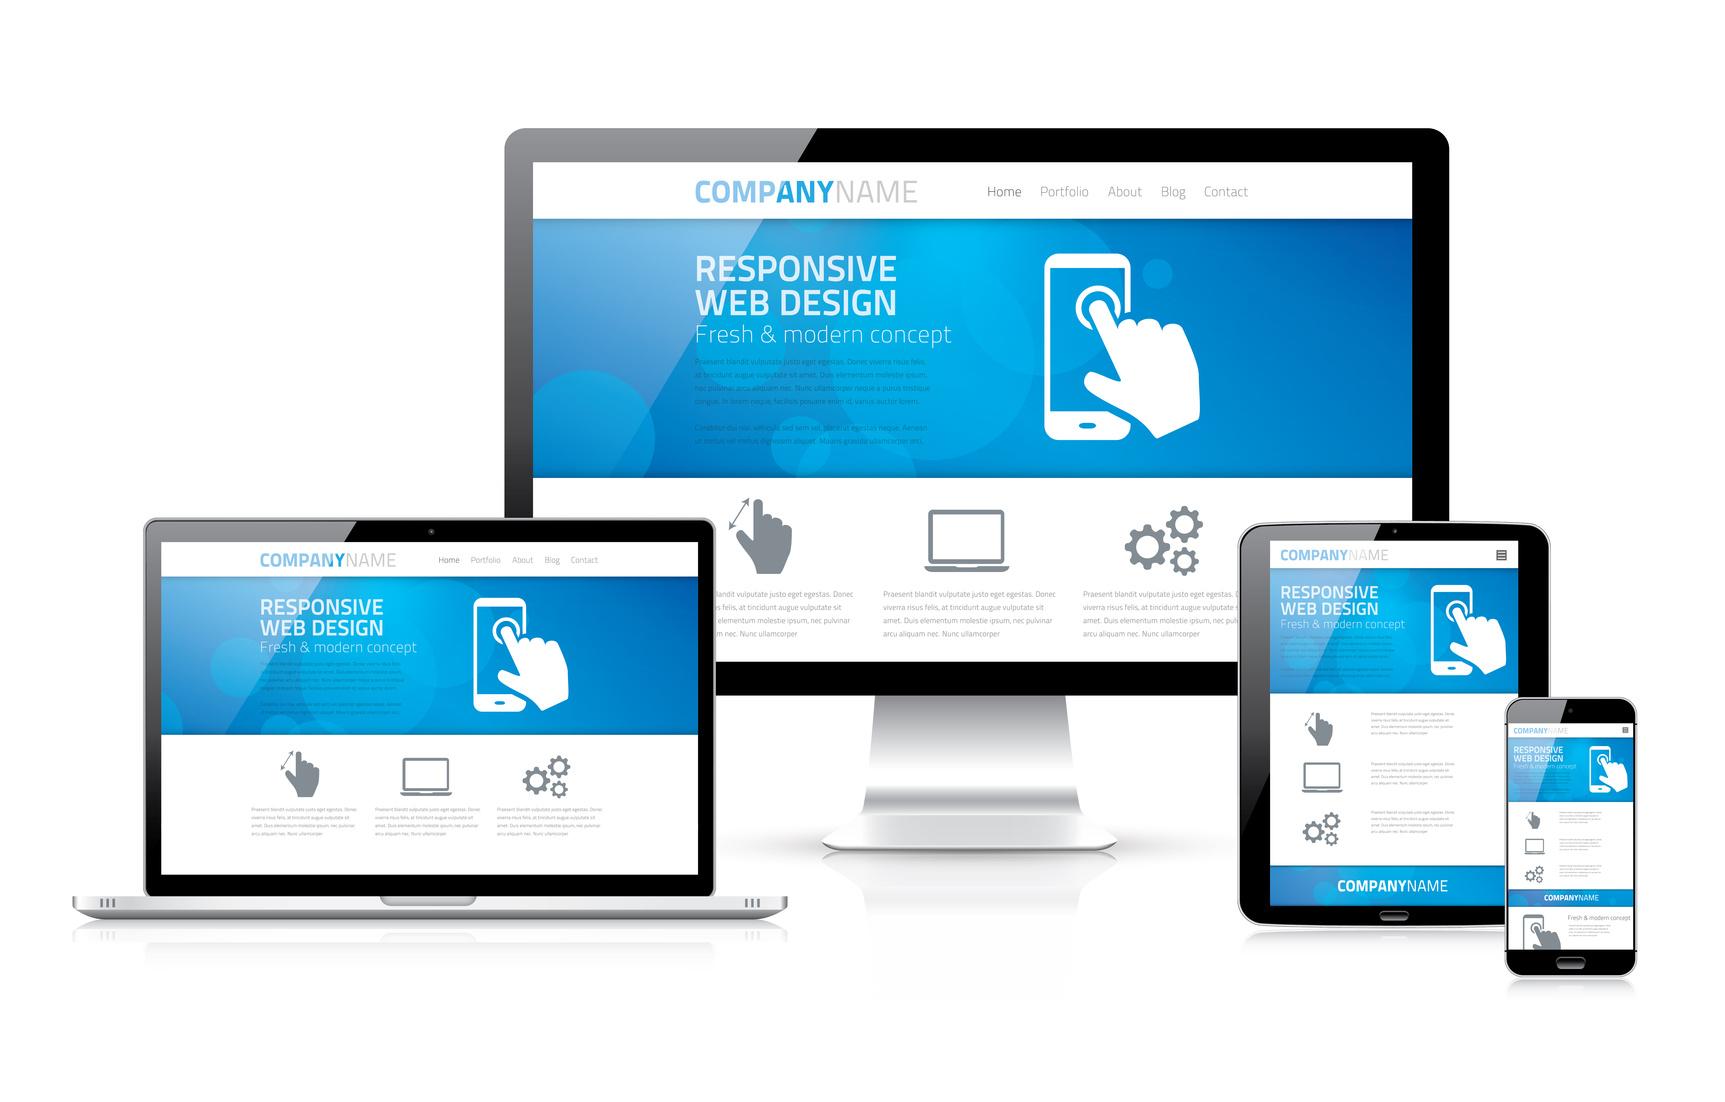 Moderne Webseiten durch Responsive Webdesign auch für mobile Geräte